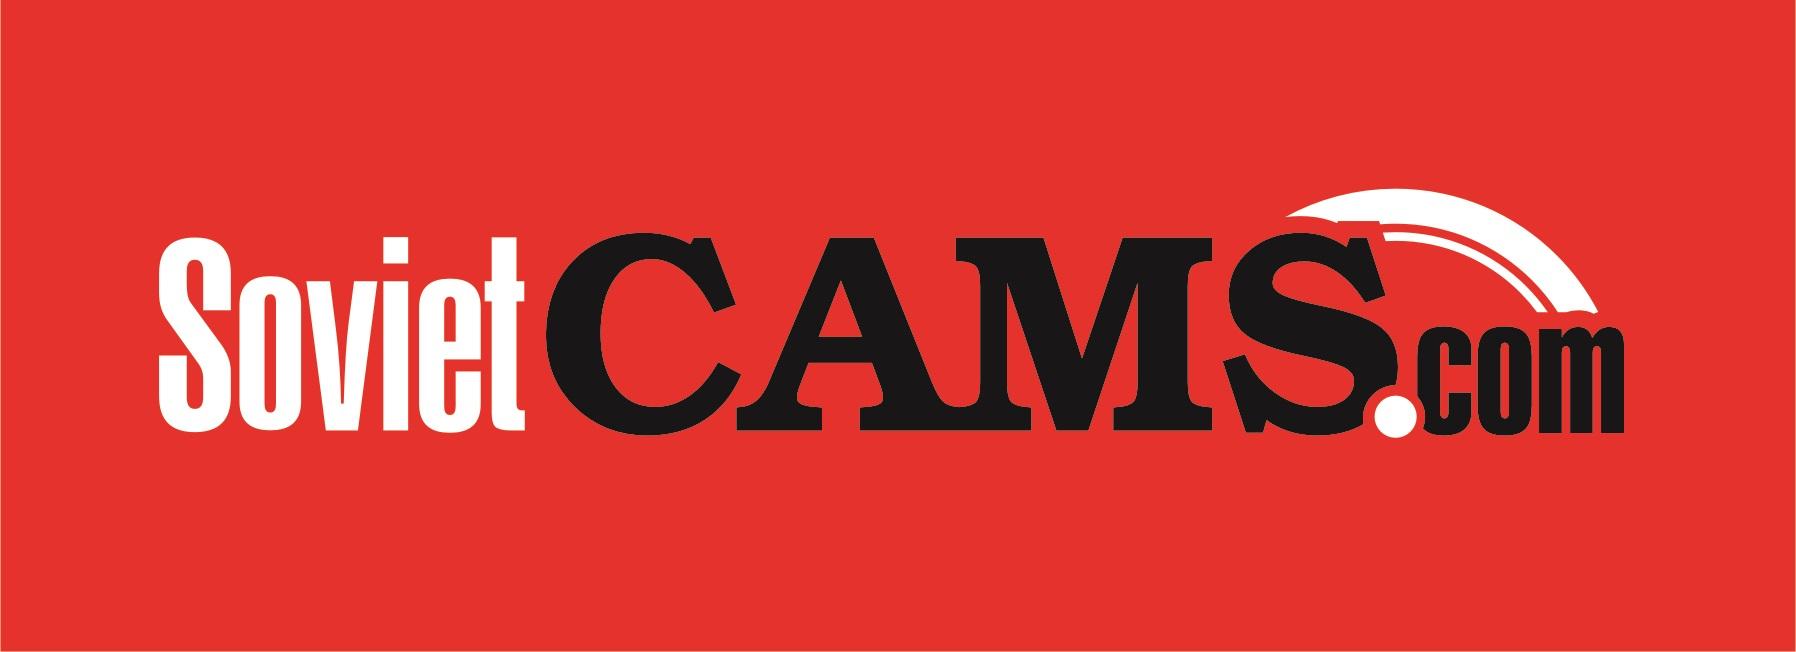 Sovietcams.com Official Mirror